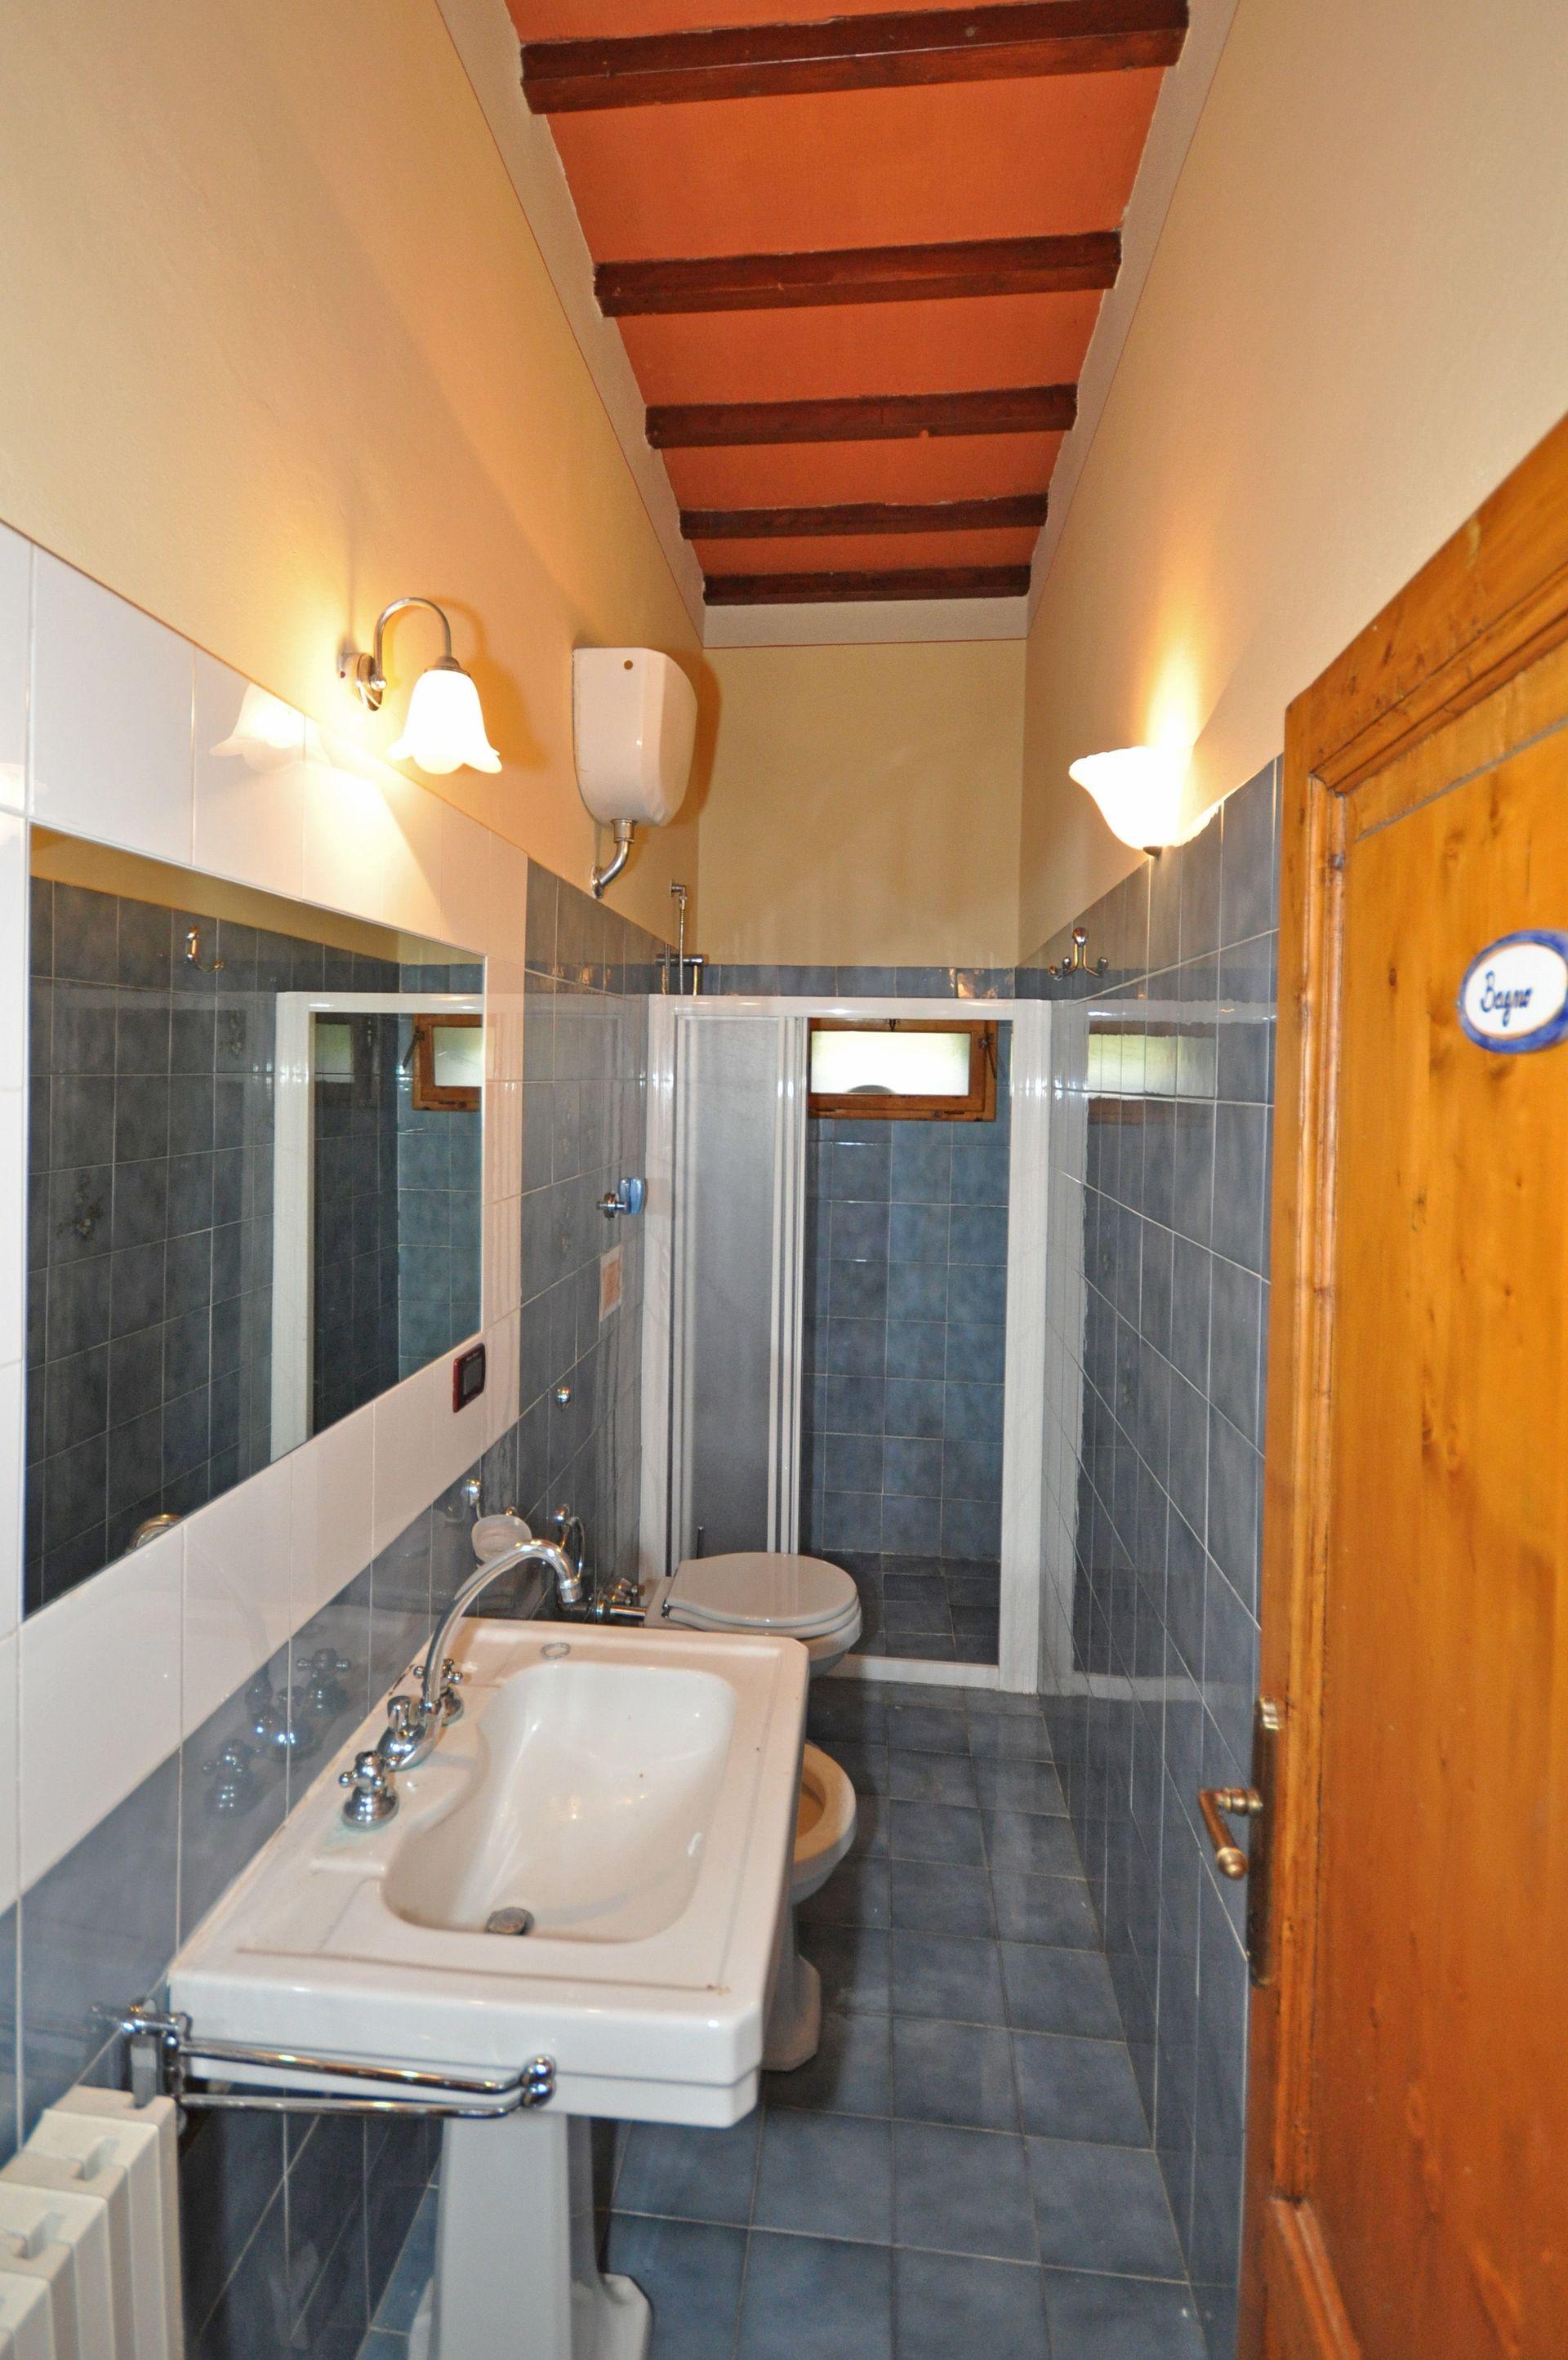 Villa cerchi casa vacanze con 14 posti letto in 7 camere for Villa con 5 camere da letto